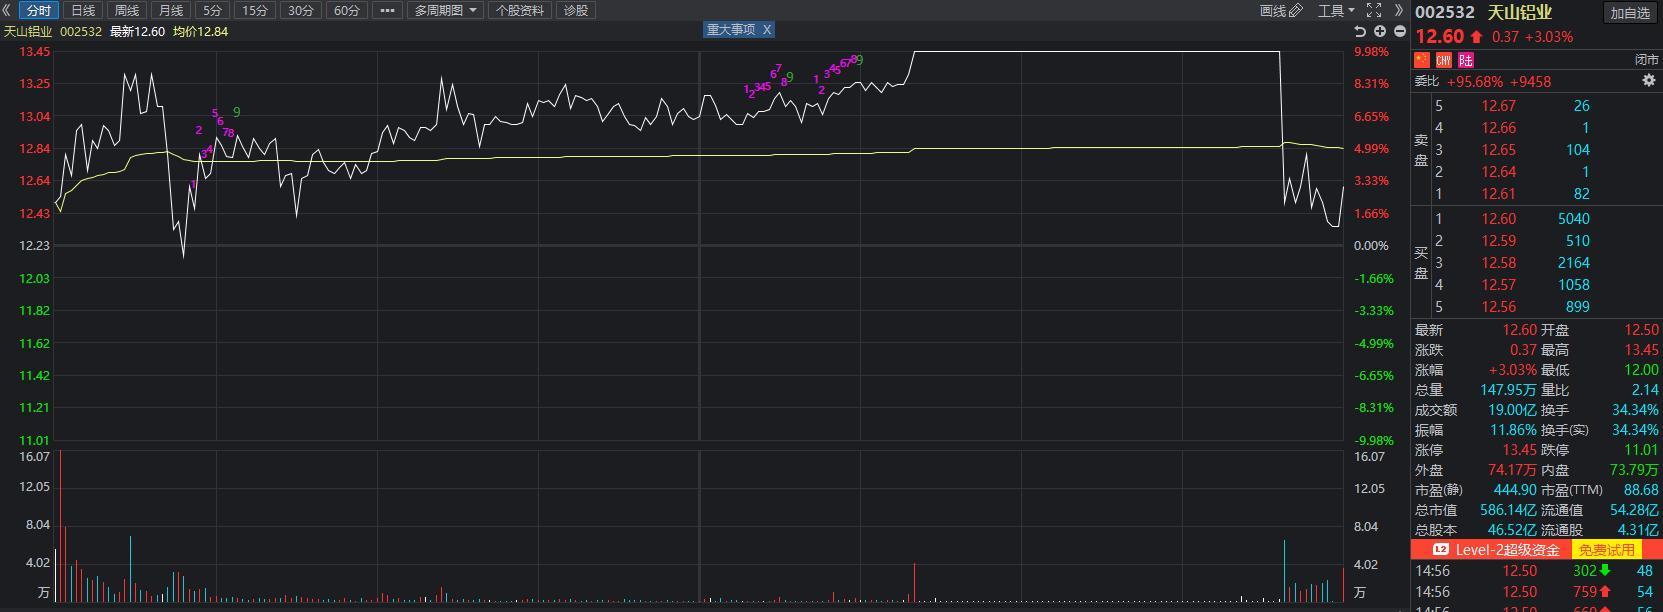 这只股票涨幅超100%,但需警惕高开低走风险!券商如何看后市?